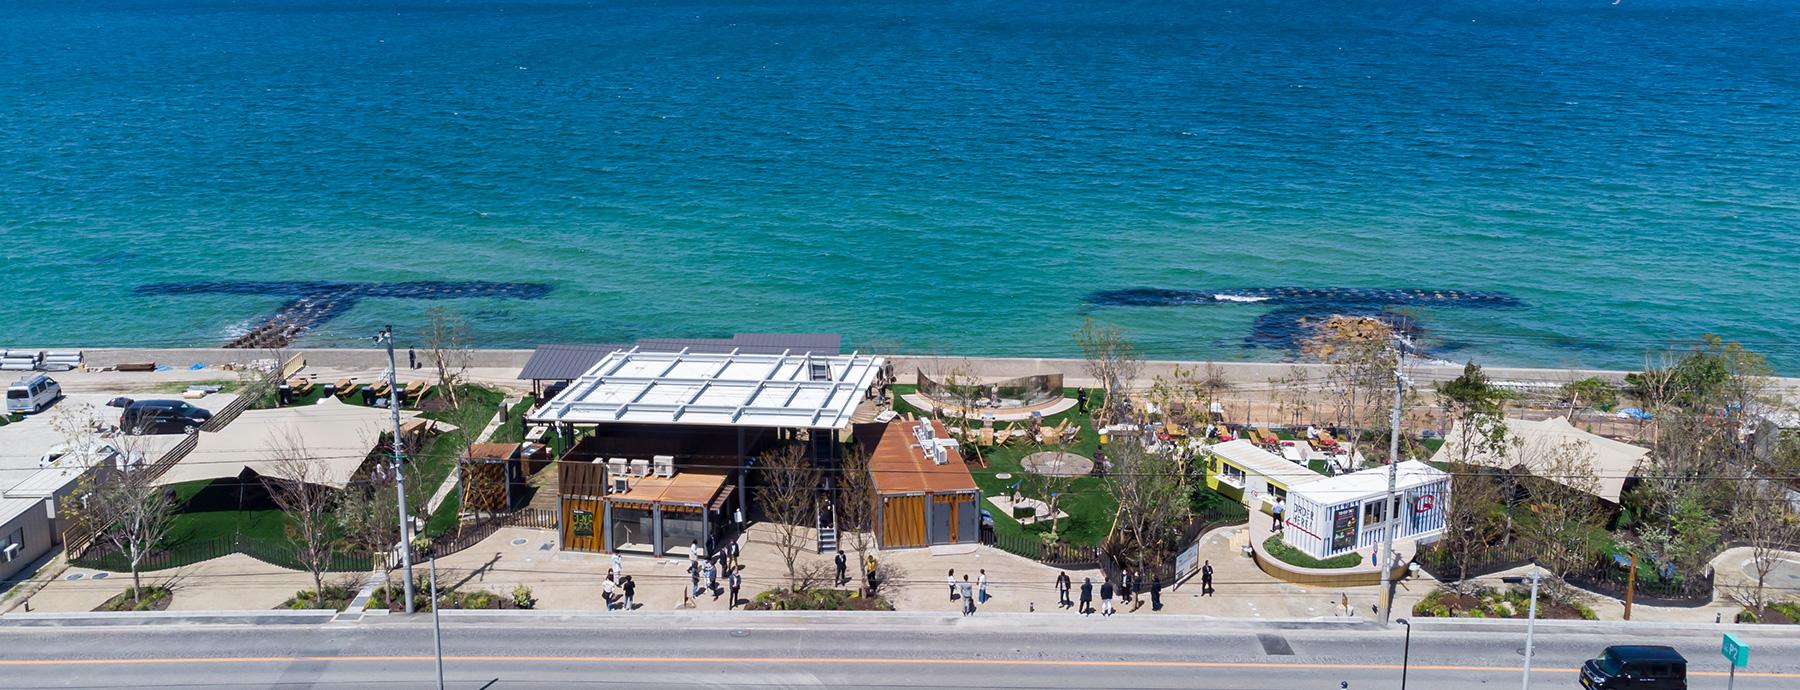 海辺と緑の開放感溢れるフィールドでピクニックとBBQ「PICNIC GARDEN」オープン!